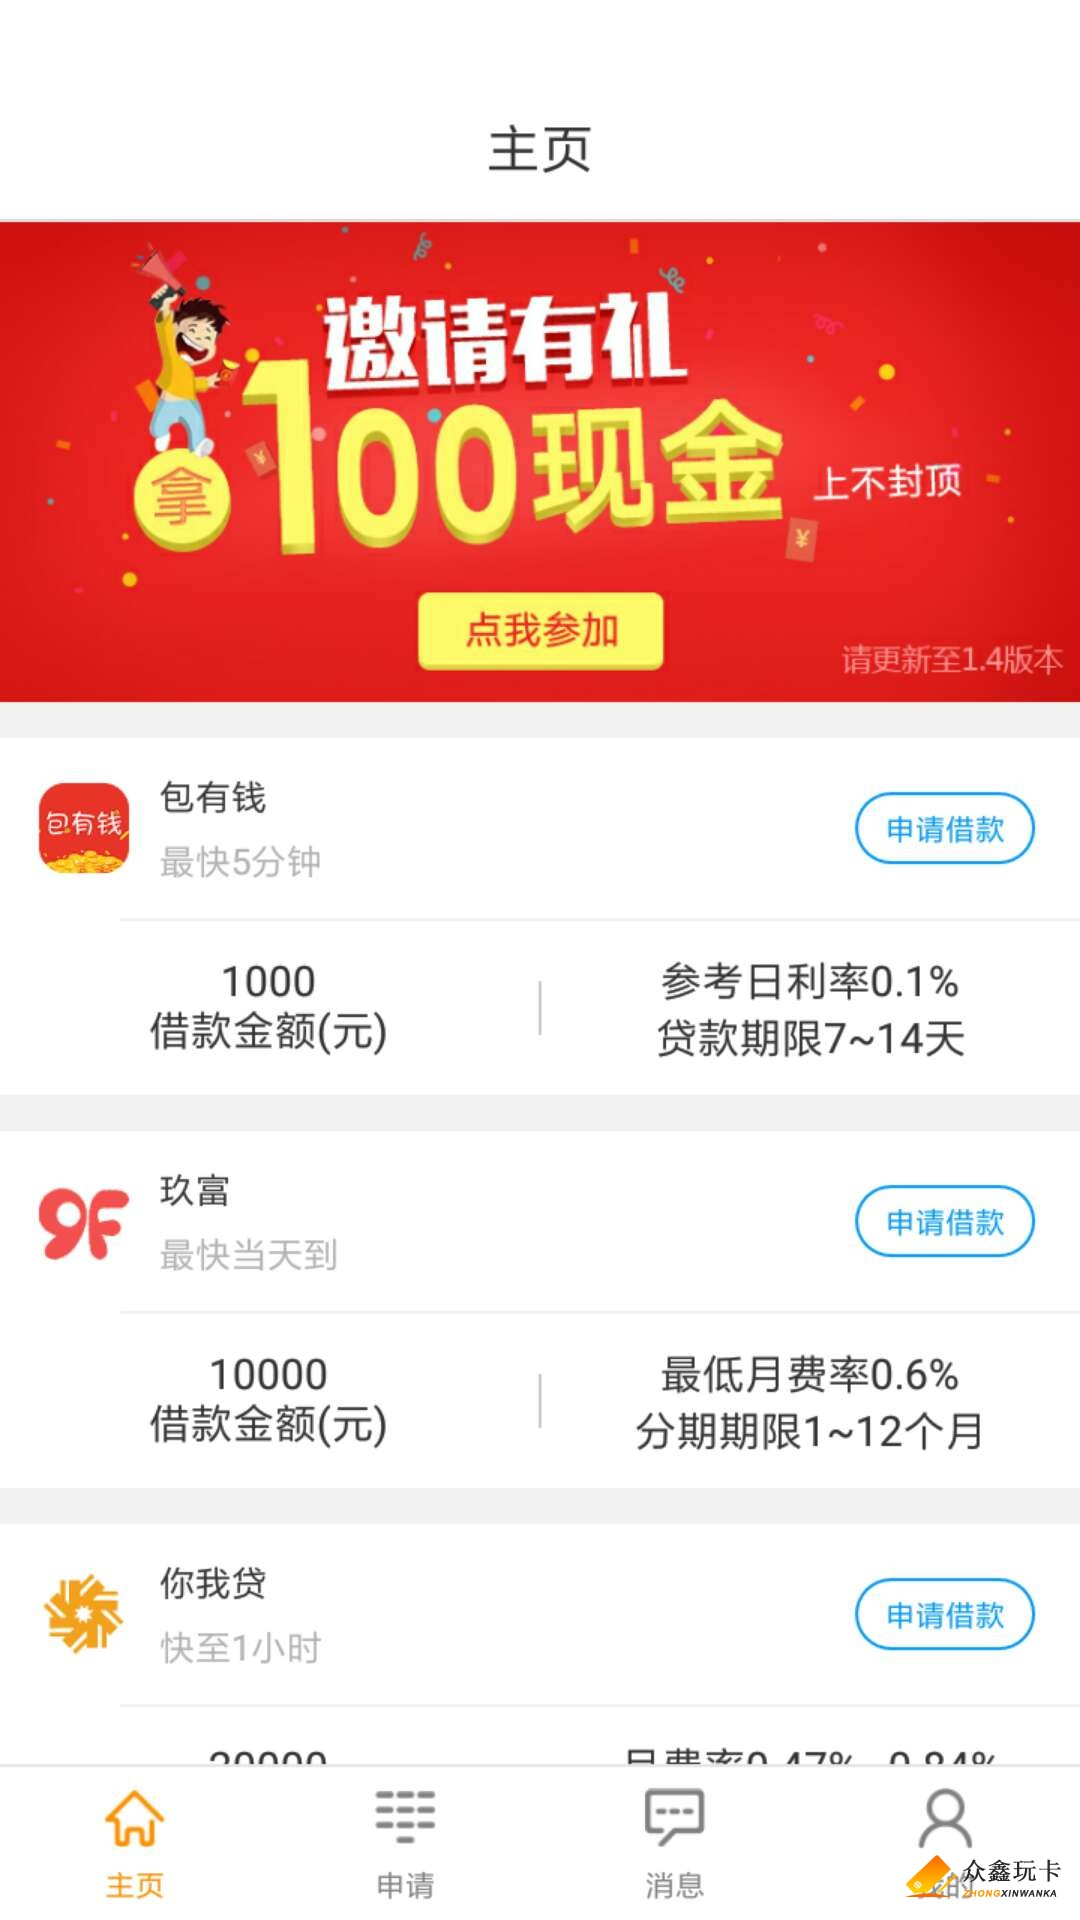 包有钱:新上线实名制手机号口子,最高可下款1000元